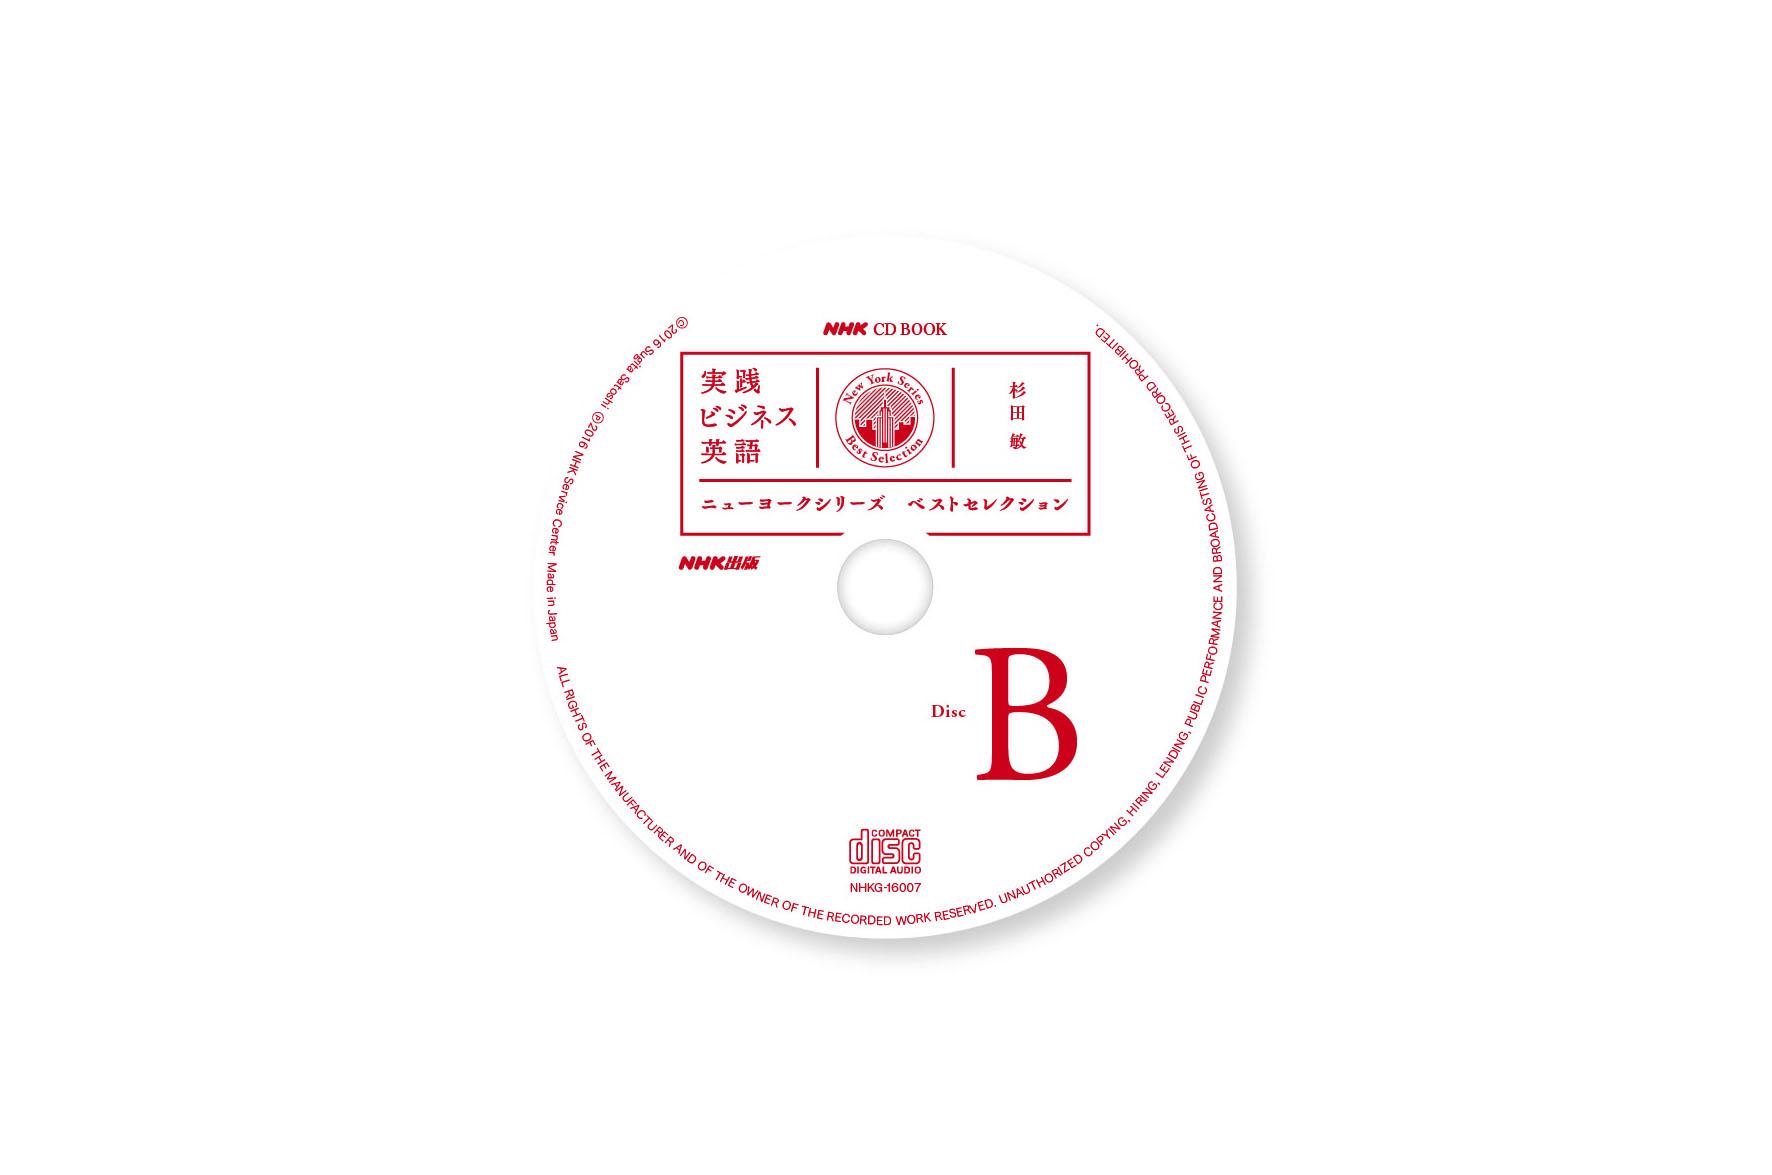 ビジネス英語_CD_up_0530